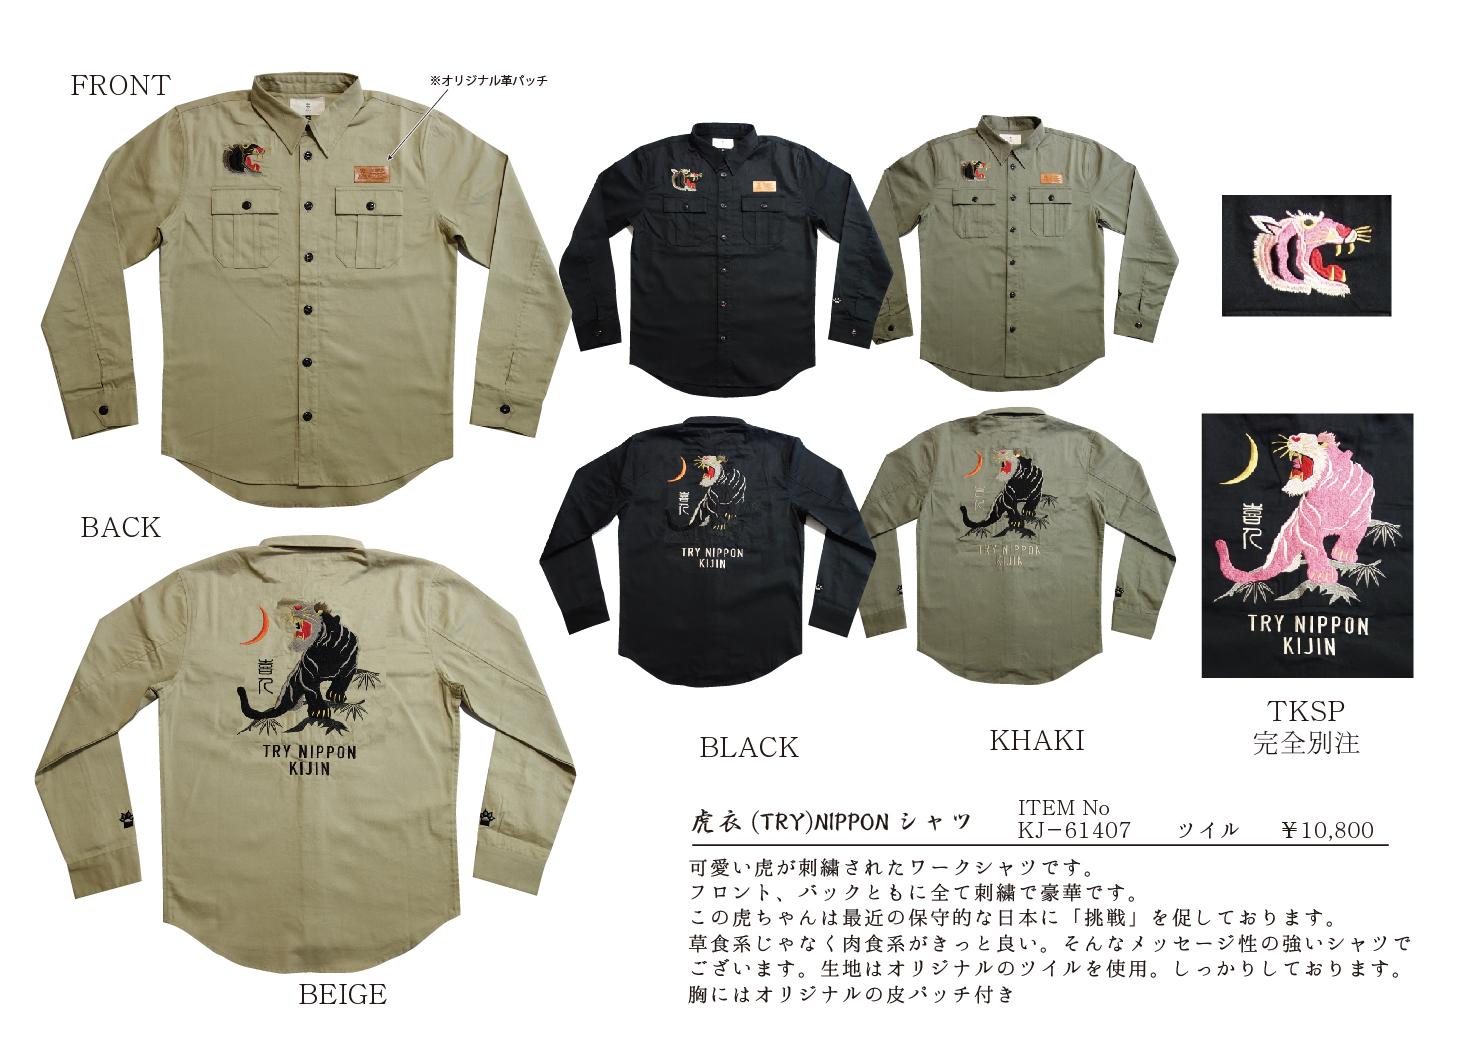 虎衣(TRY)NIPPON長袖シャツ